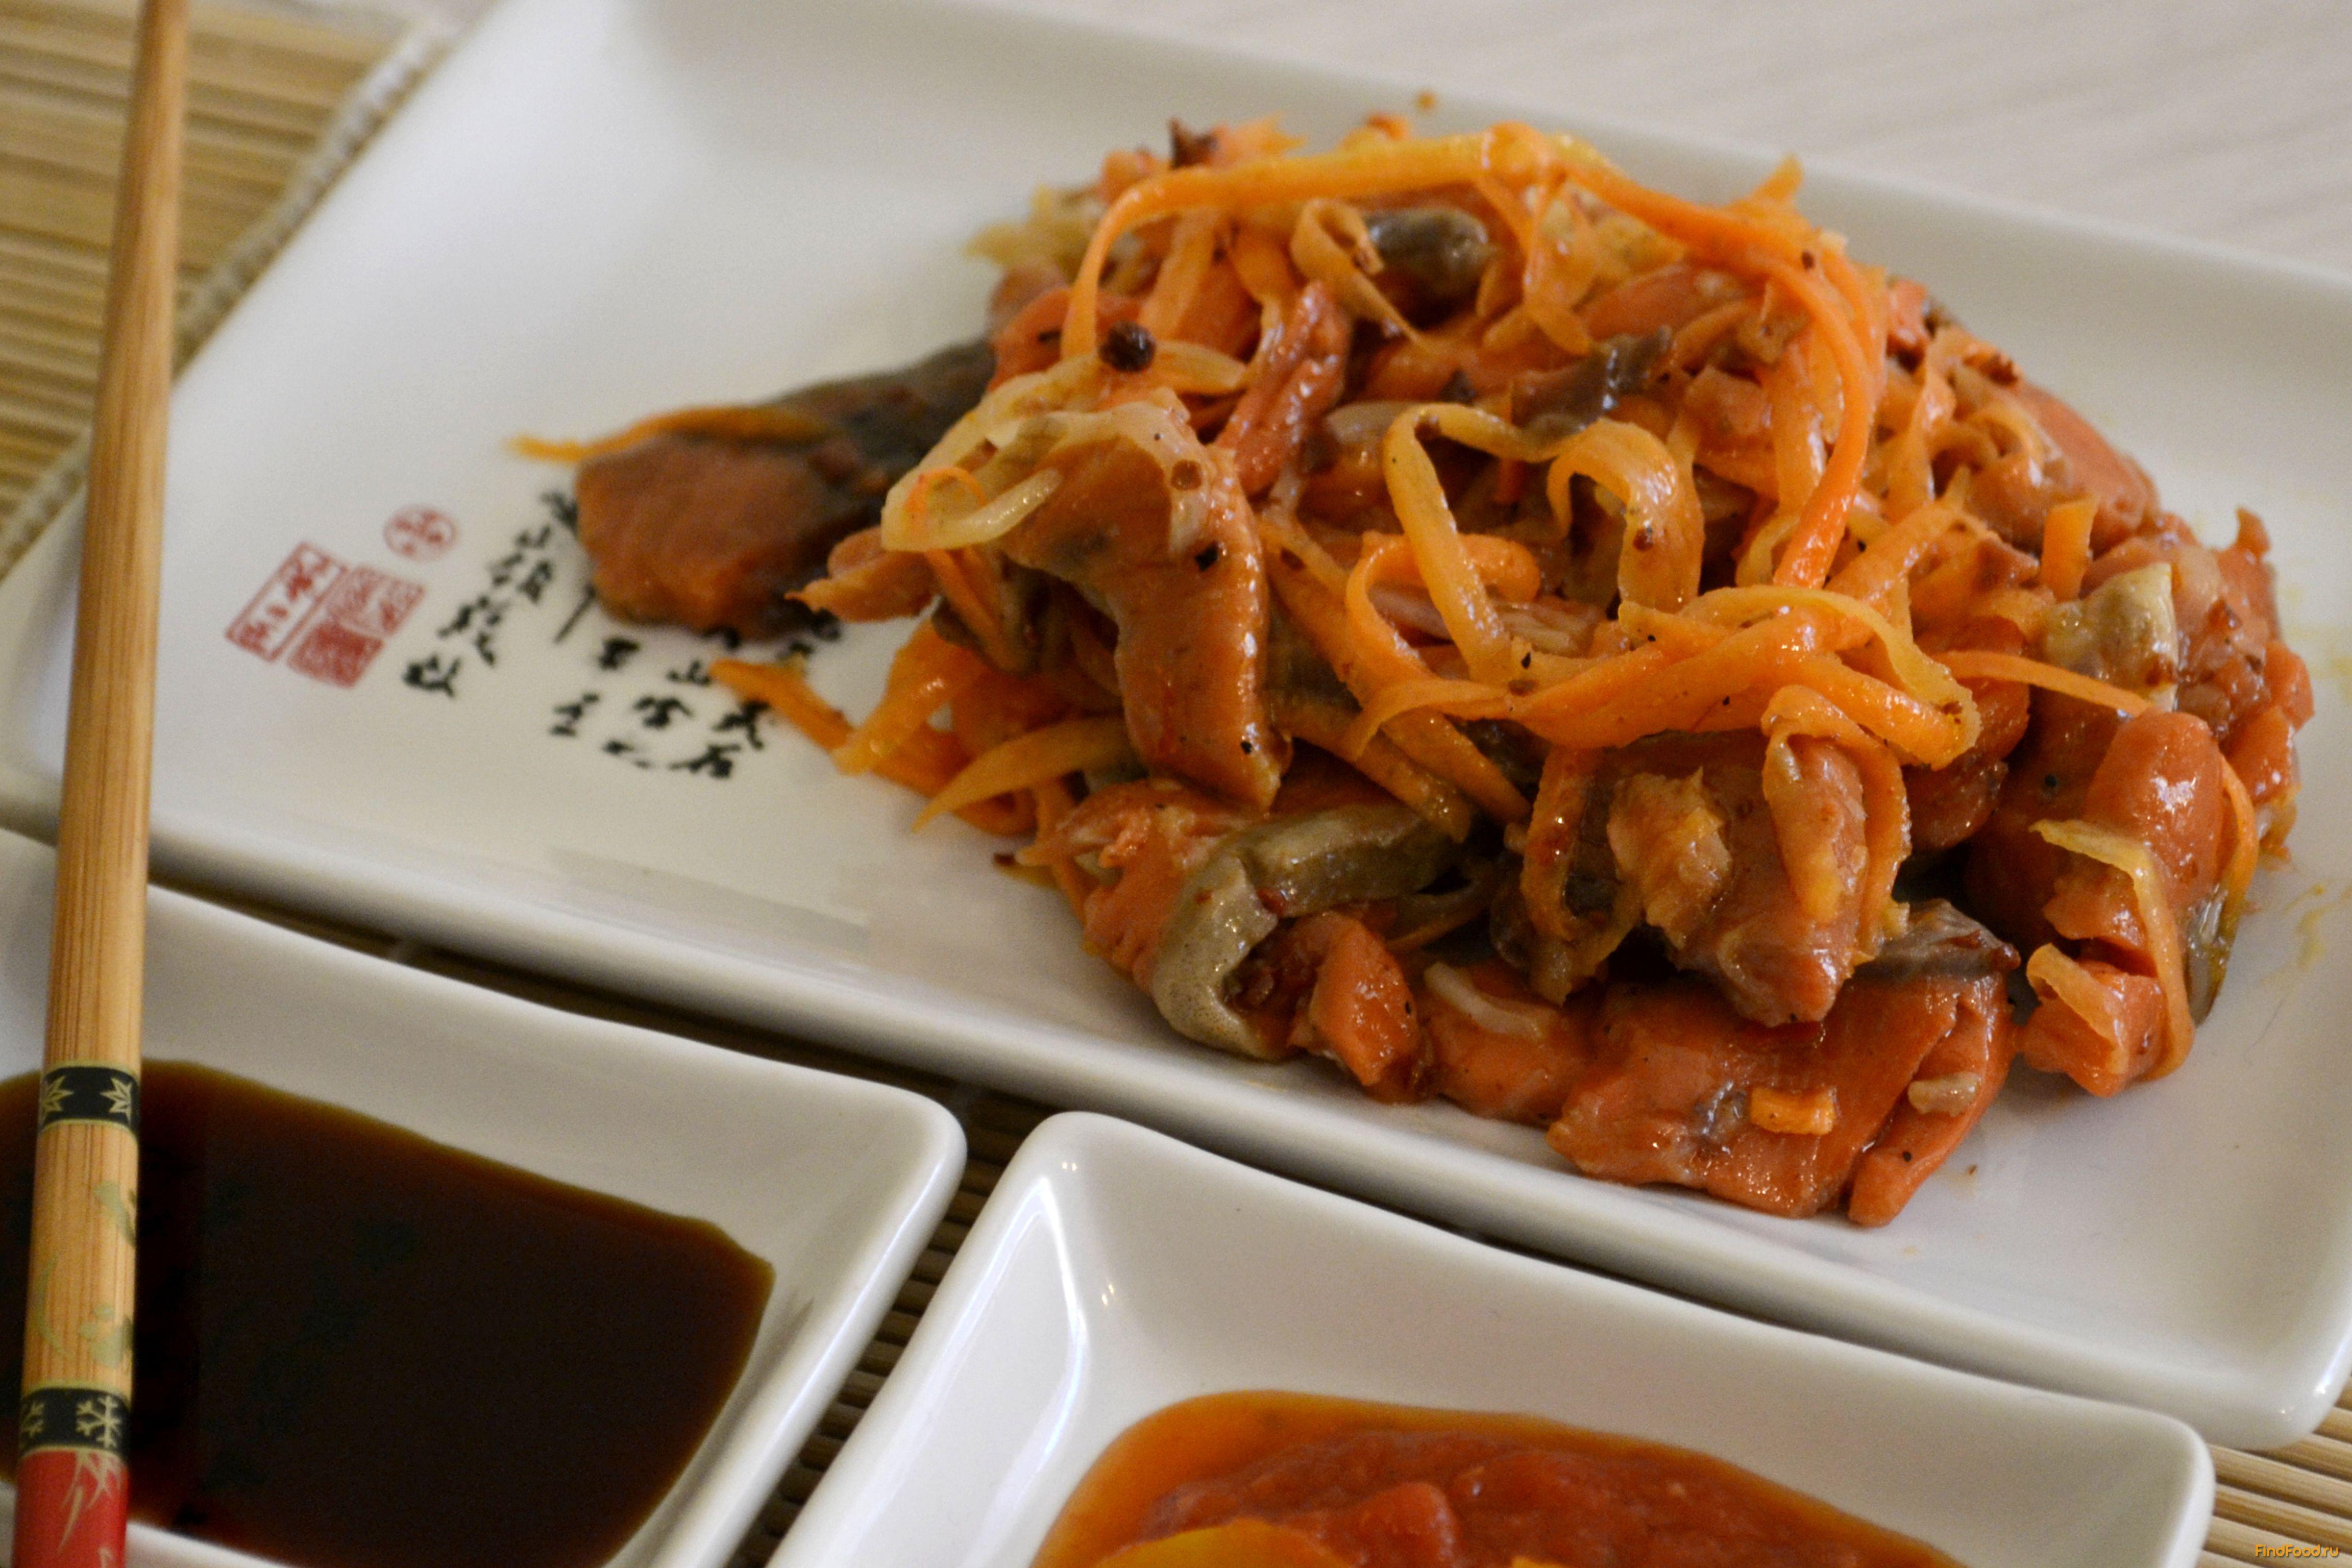 Хе из рыбы по-корейски, рецепт. Как приготовить хе в домашних